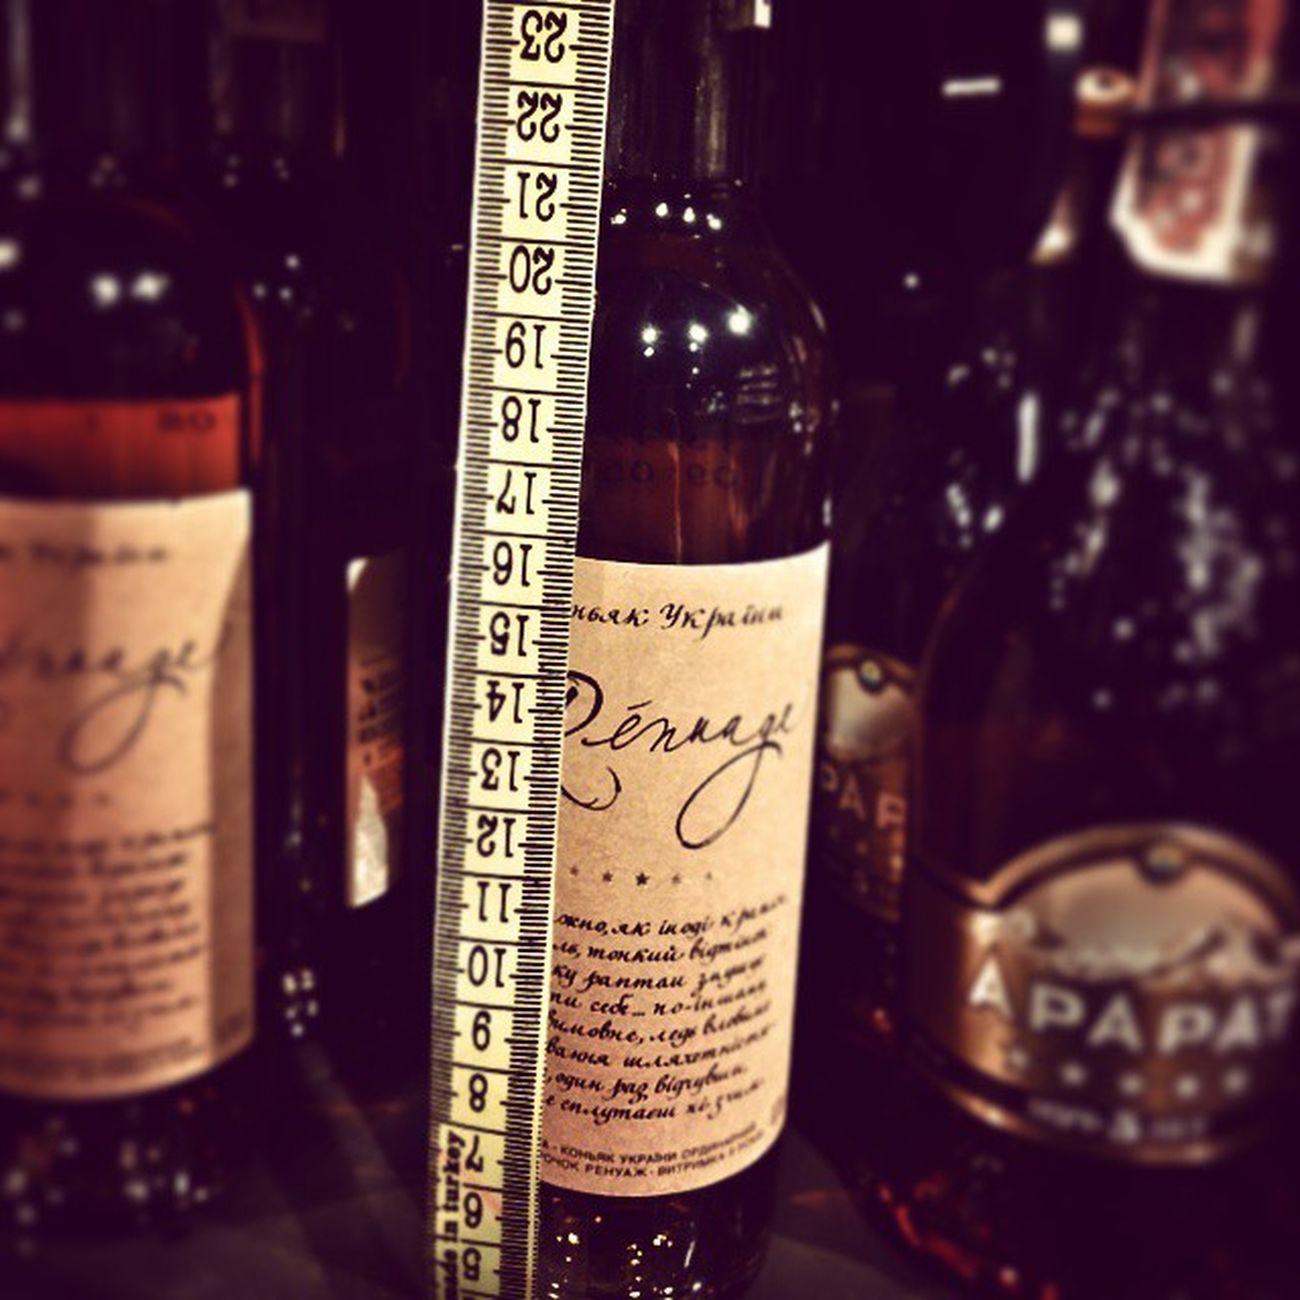 Любишь делать упаковку для бутылок, люби и ходить по магазинам с метром-рулеткой🙈 Ruler Tapemeasure Packaging Flexiwood Cognac Renuage